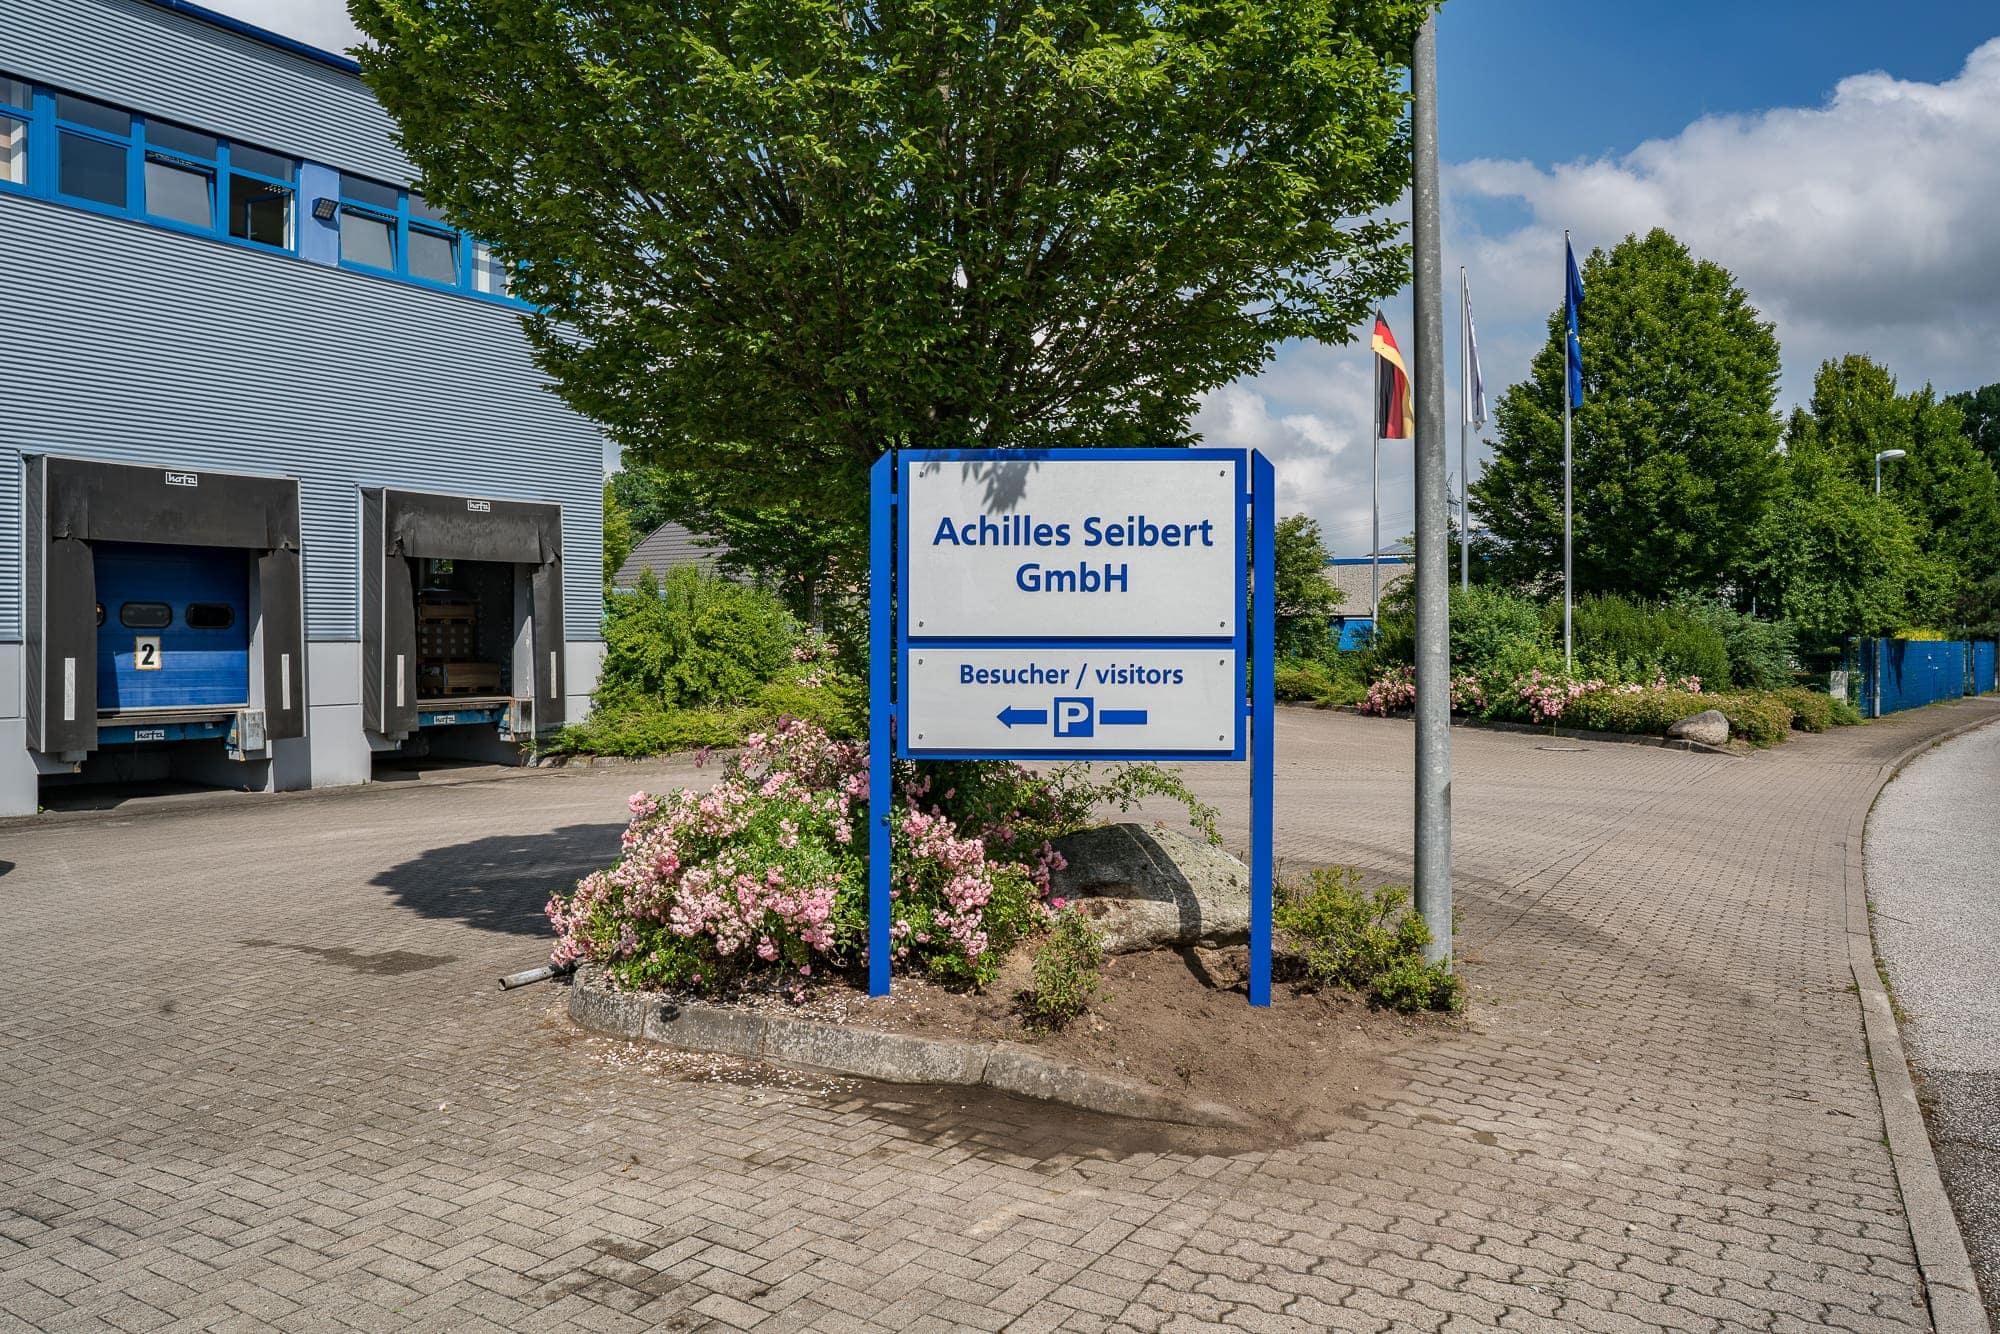 Das Foto zeigt ein Standschild gefertigt aus Aluminium und ESG-Glasscheiben. Das Firmenschild zeigt den Namen und einen Hinweis für die Kundenparkplätze.